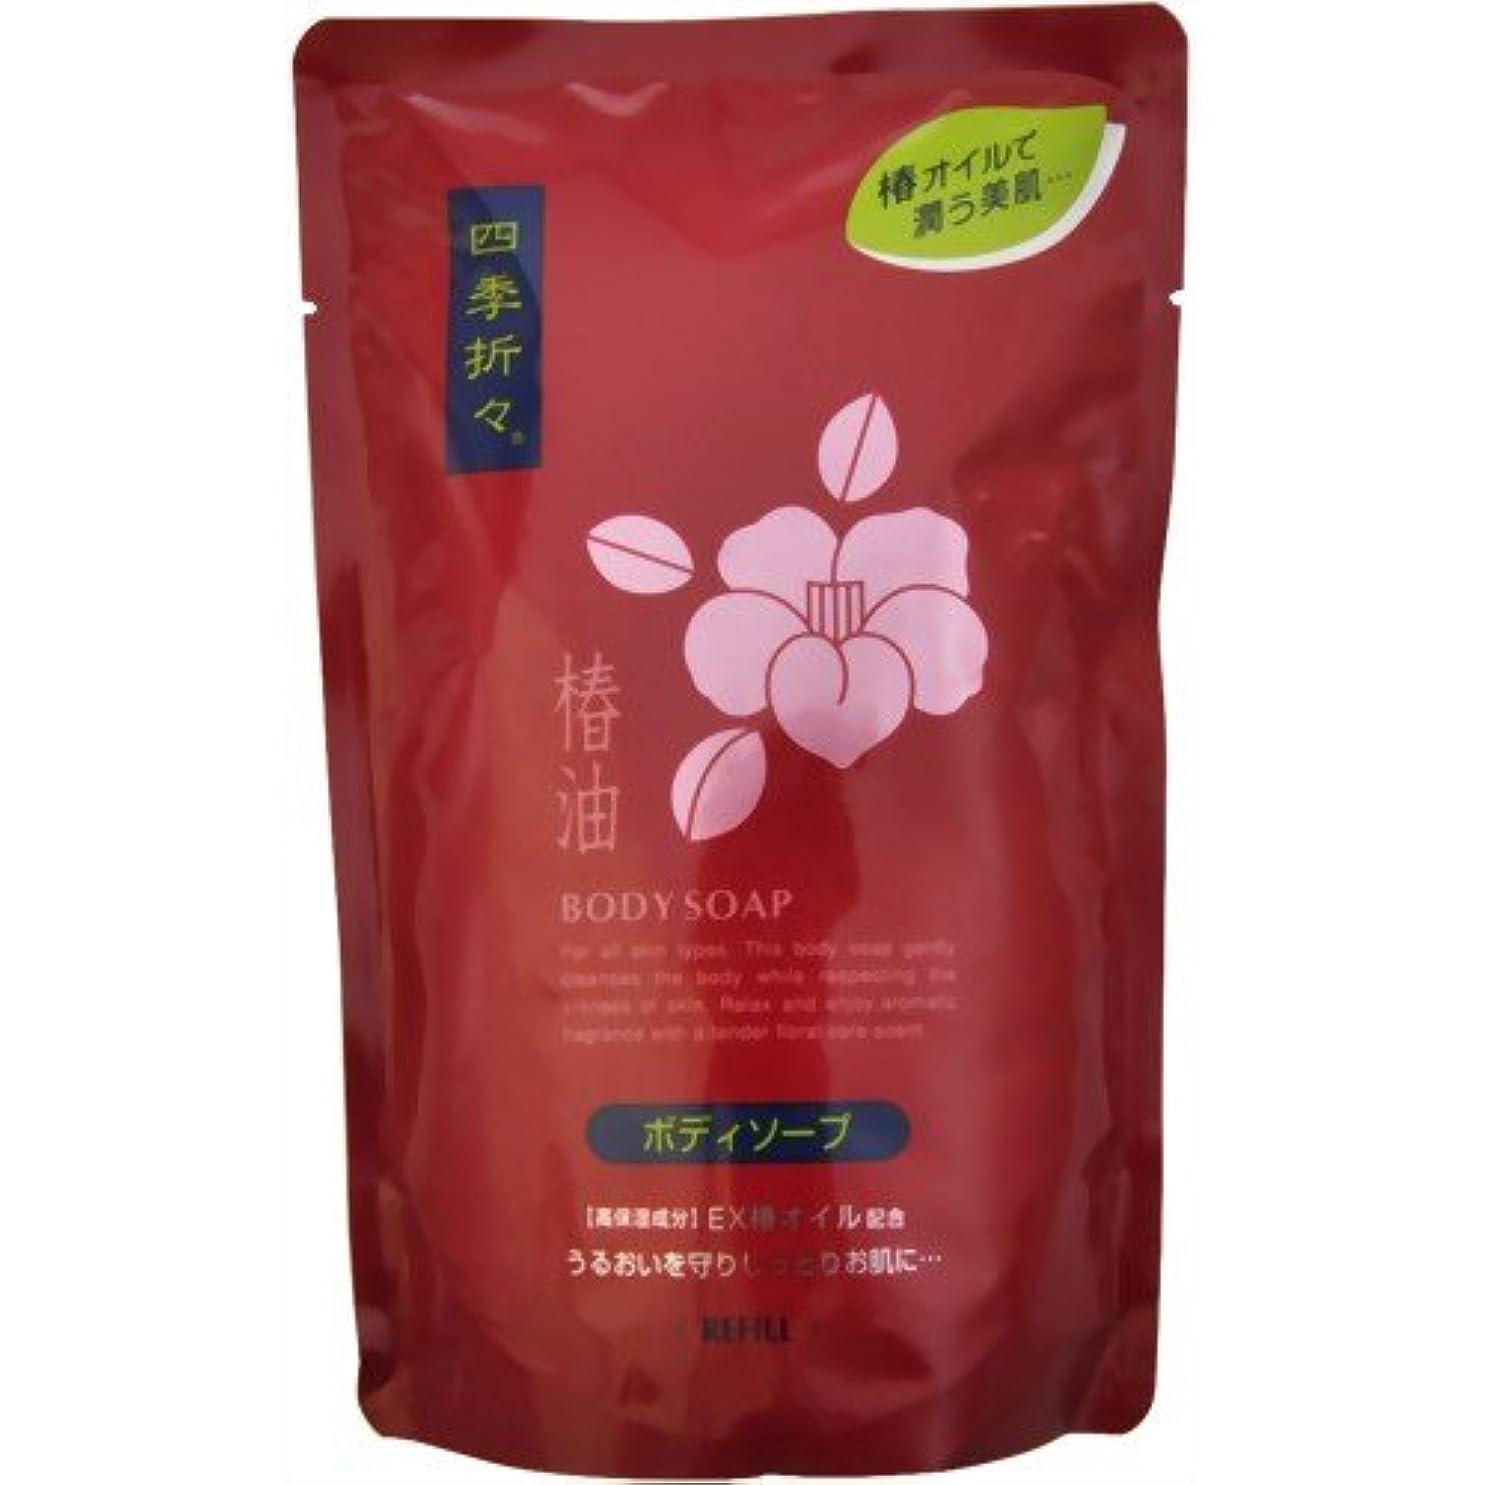 リップひねり調整する熊野油脂 四季折々 椿油ボディソープ つめかえ用 450ml